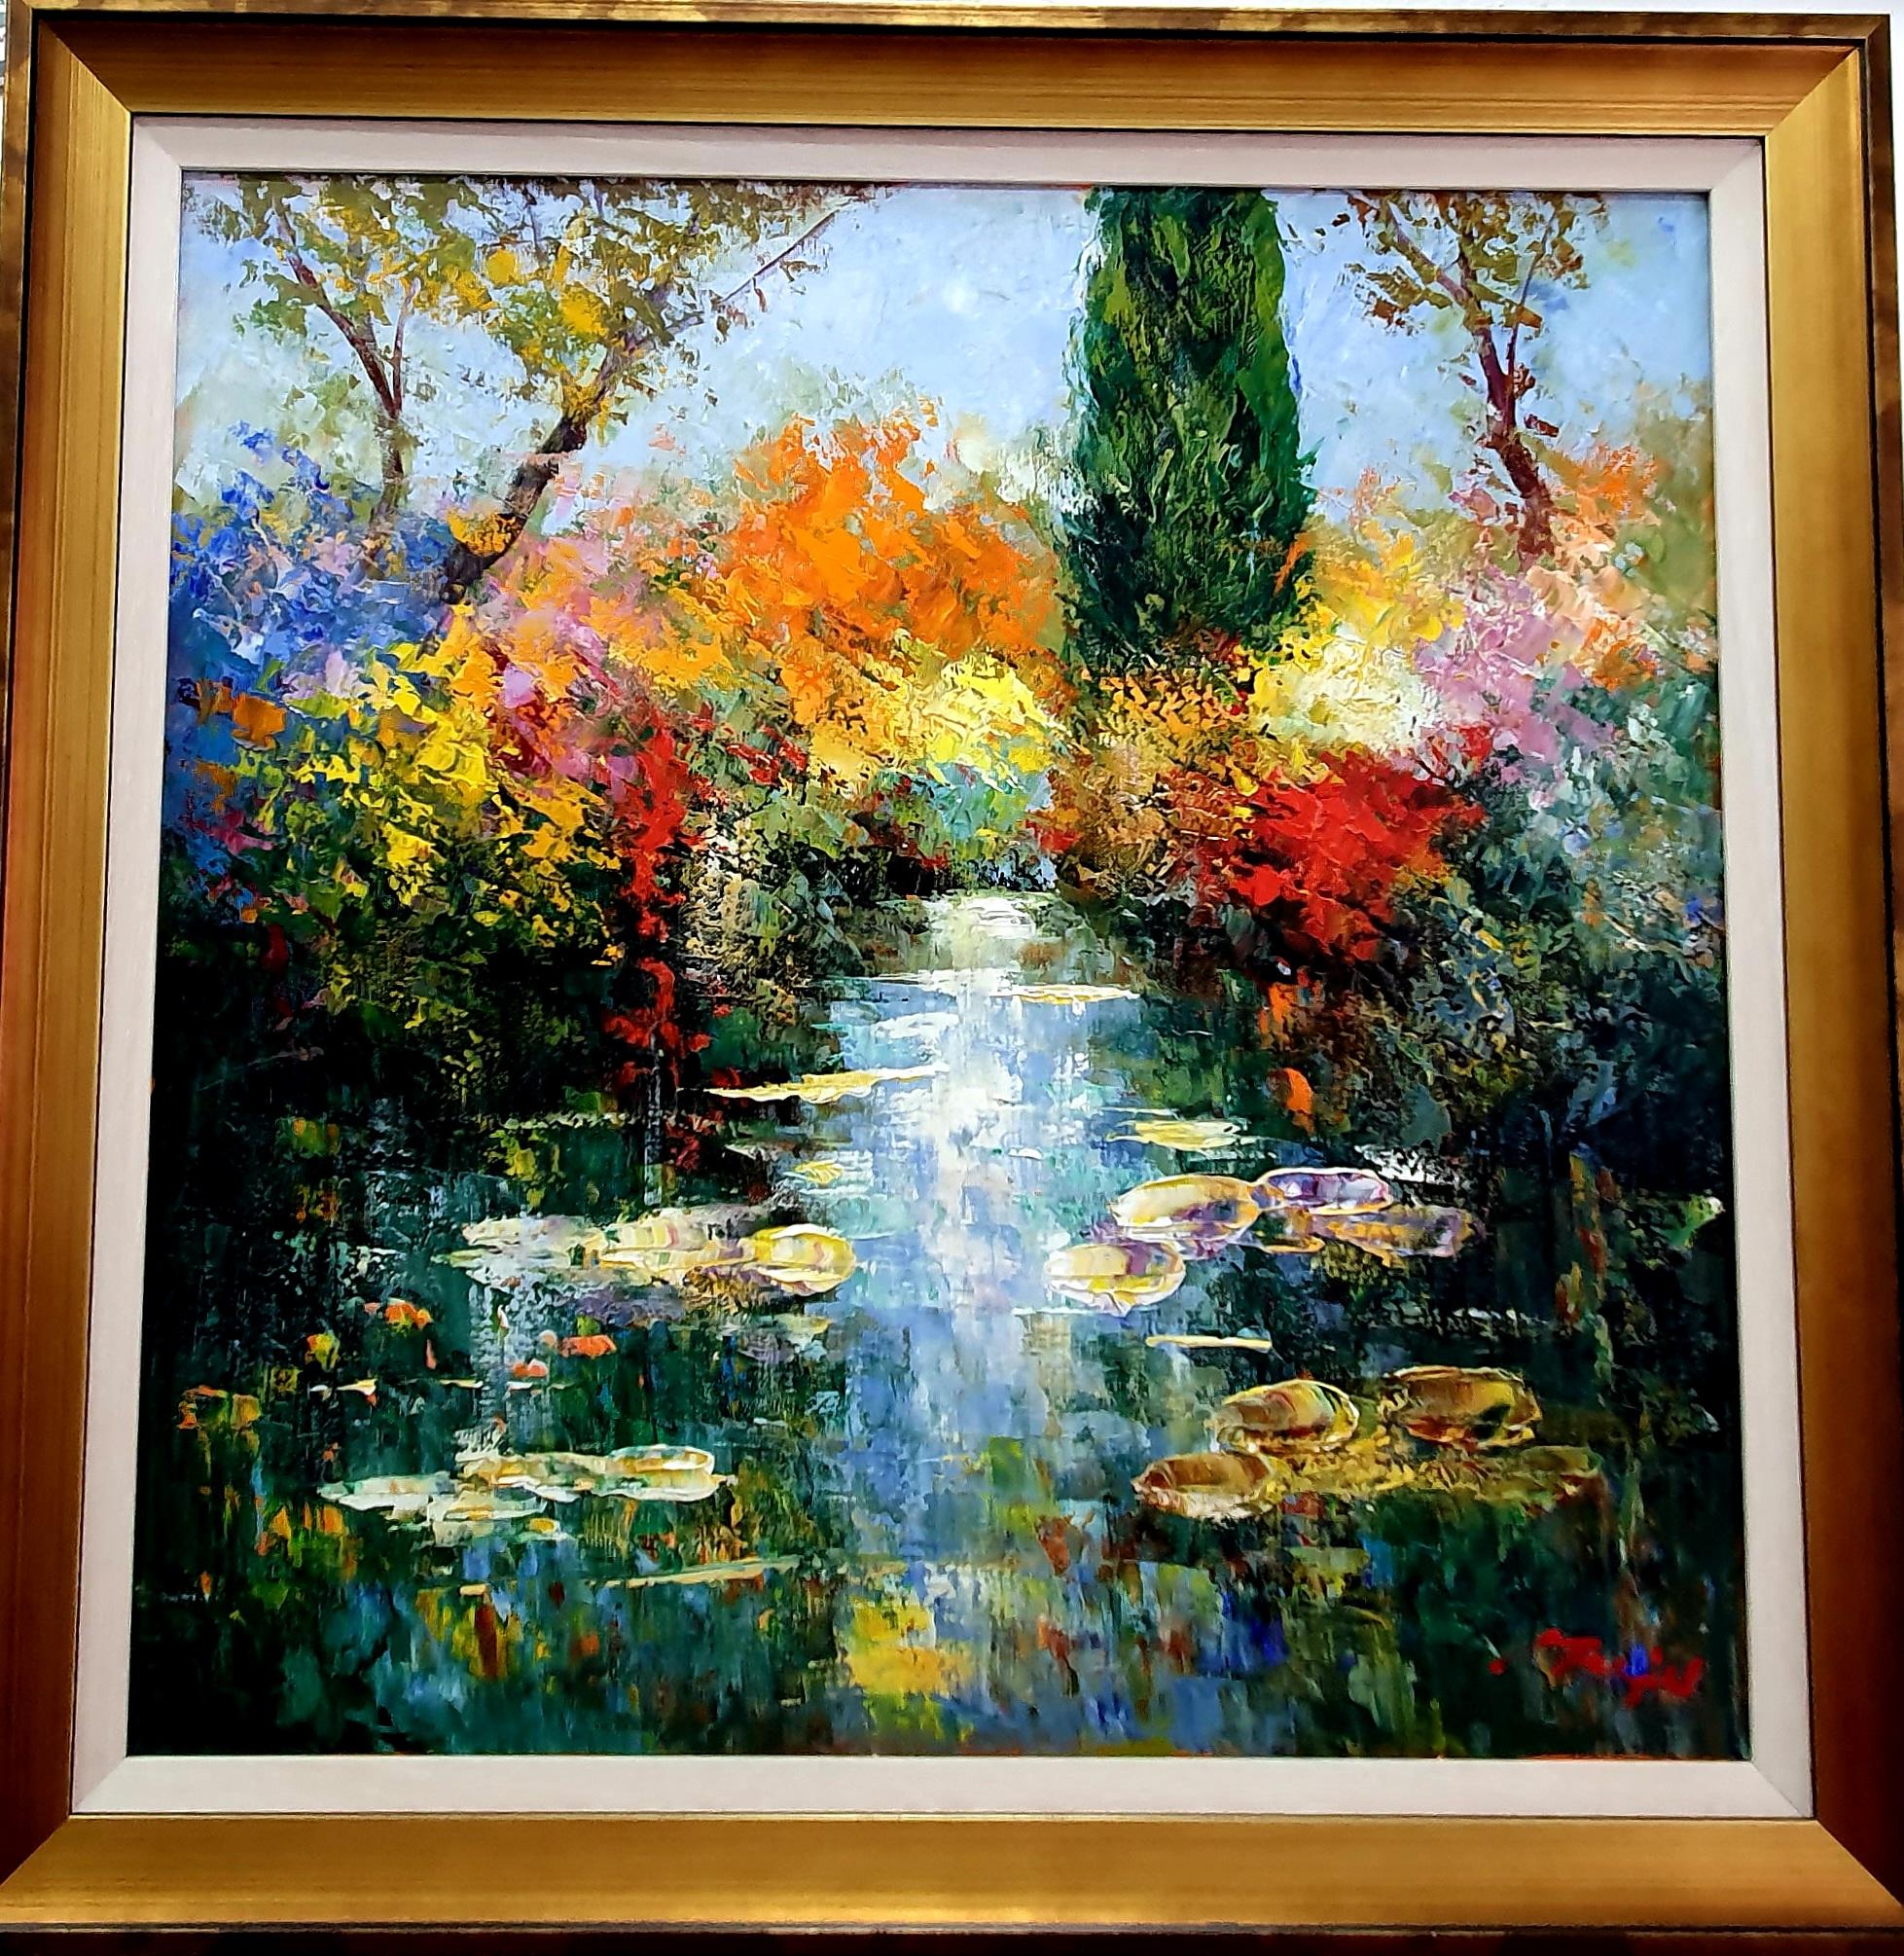 Homage to Monet